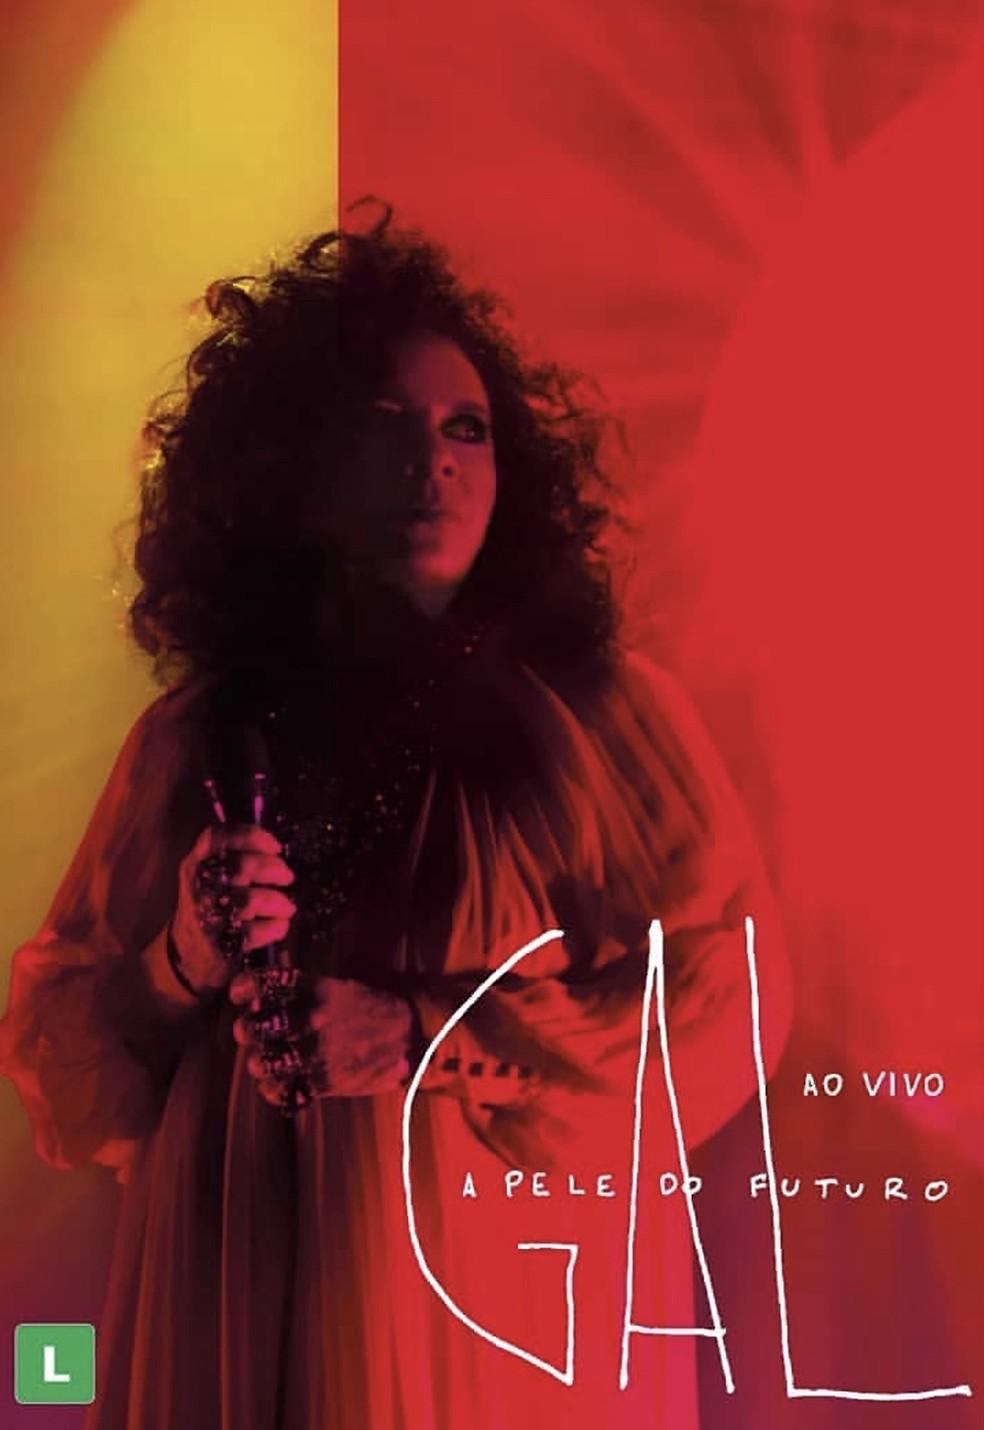 Capa do DVD 'A pele do futuro ao vivo', de Gal Costa — Foto: Marcos Hermes com arte de Omar Salomão